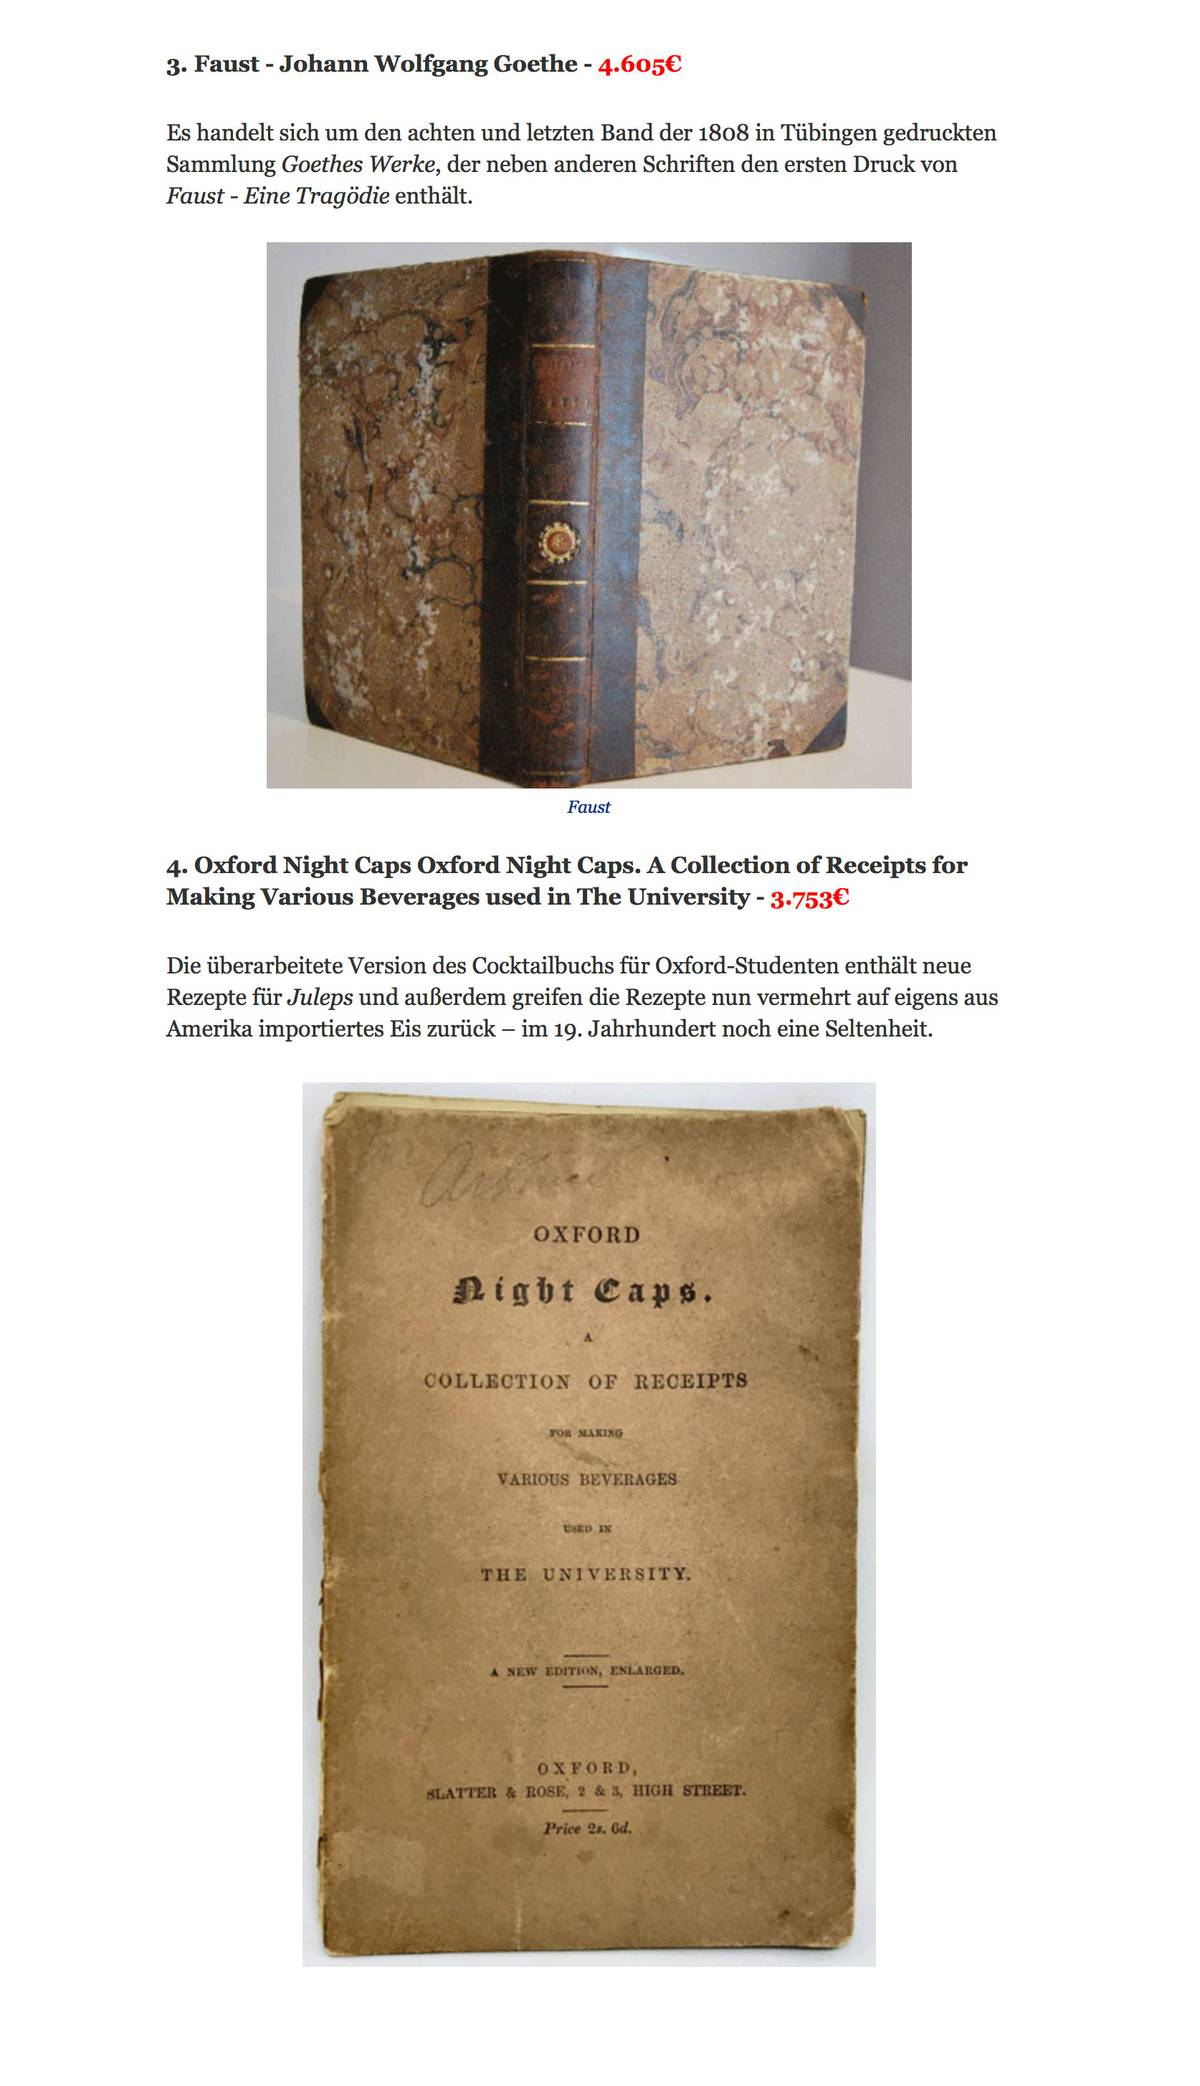 4605€ стоит первое издание самого знаменитого произведения Гете — «Фауста»